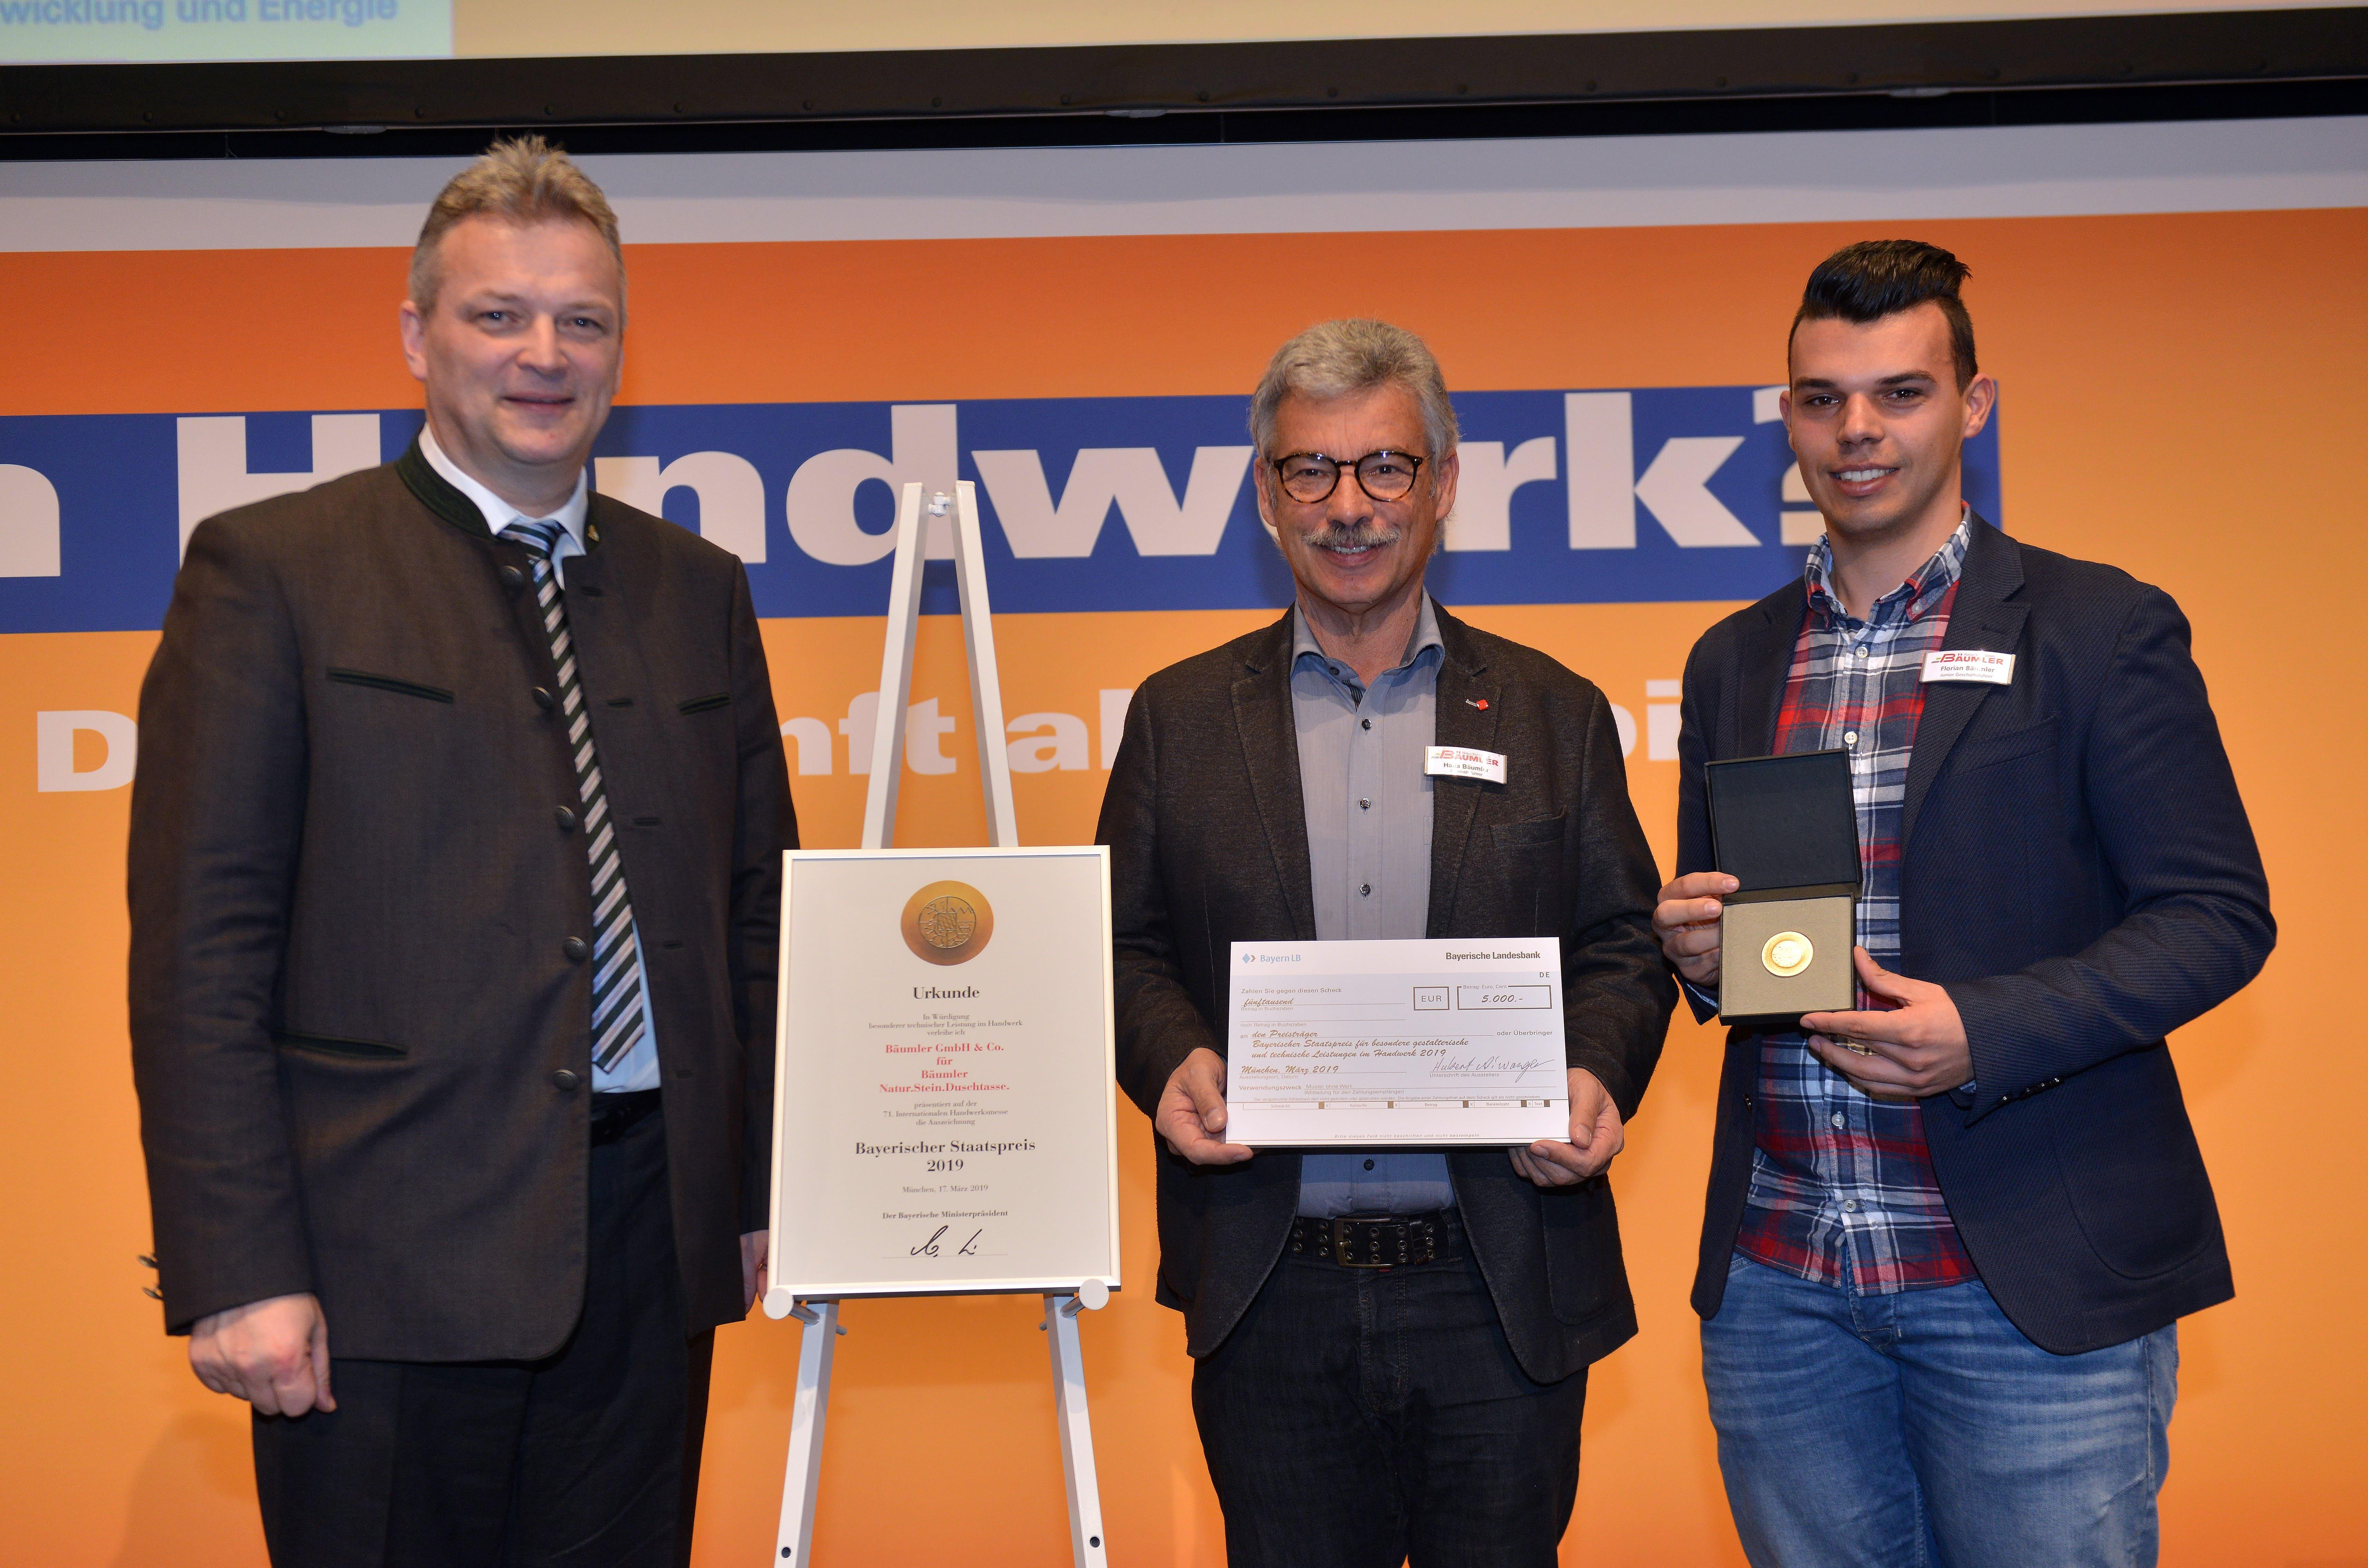 Bäumler Natursteine wird mit dem Bayerischen Staatspreis 2019 ausgezeichnet